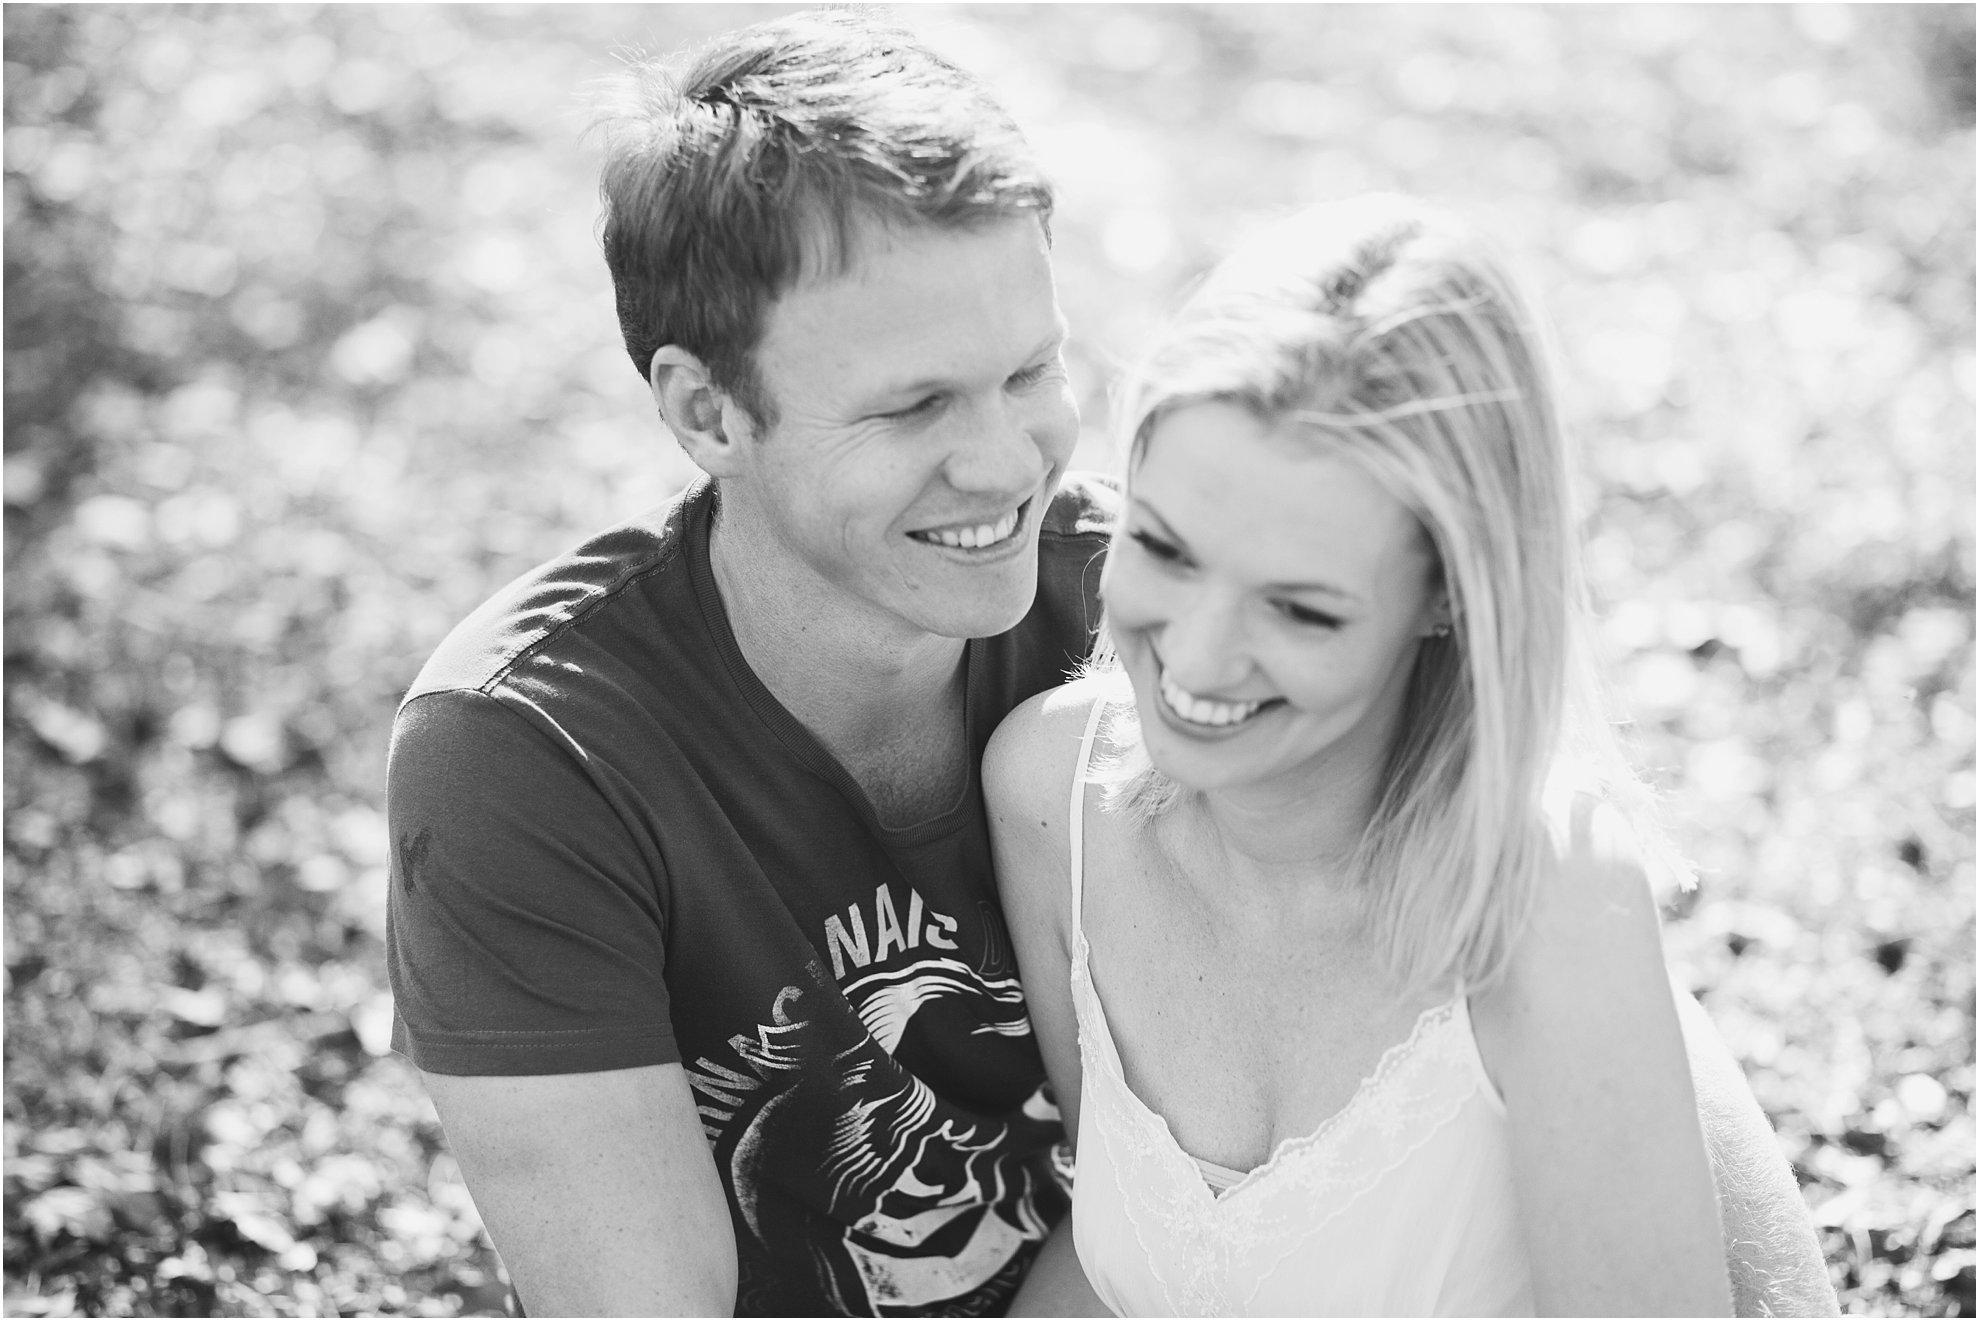 FIONA CLAIR PHOTOGRAPHY Bryan & Stacey Rennie 06 06 2013_0358